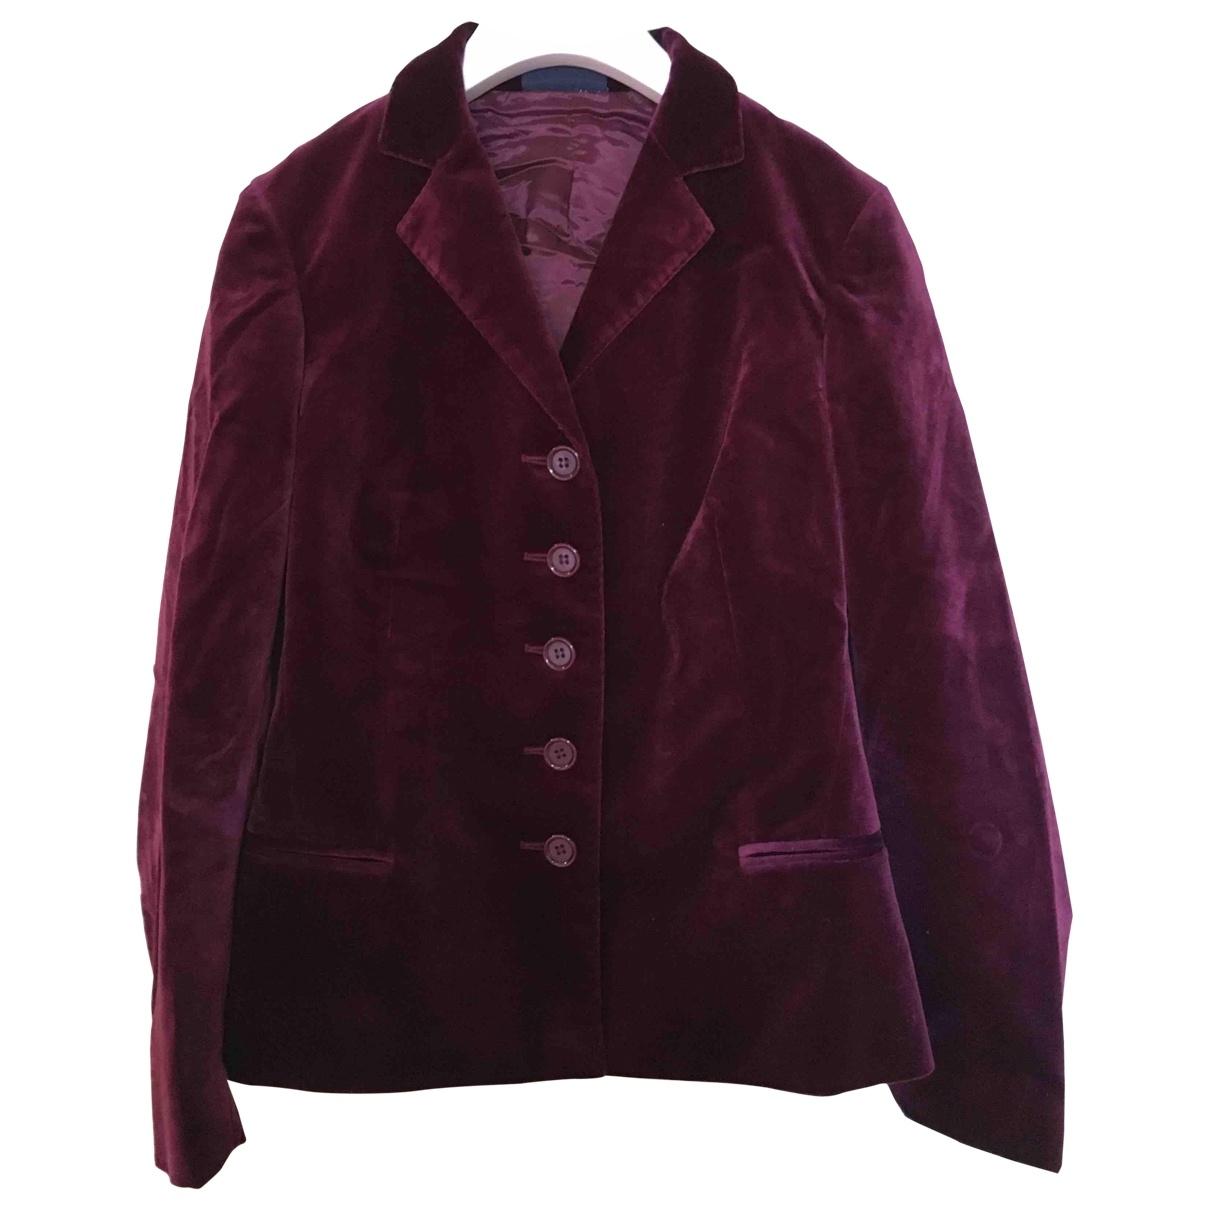 Aspesi \N Burgundy Velvet jacket for Women 40 IT